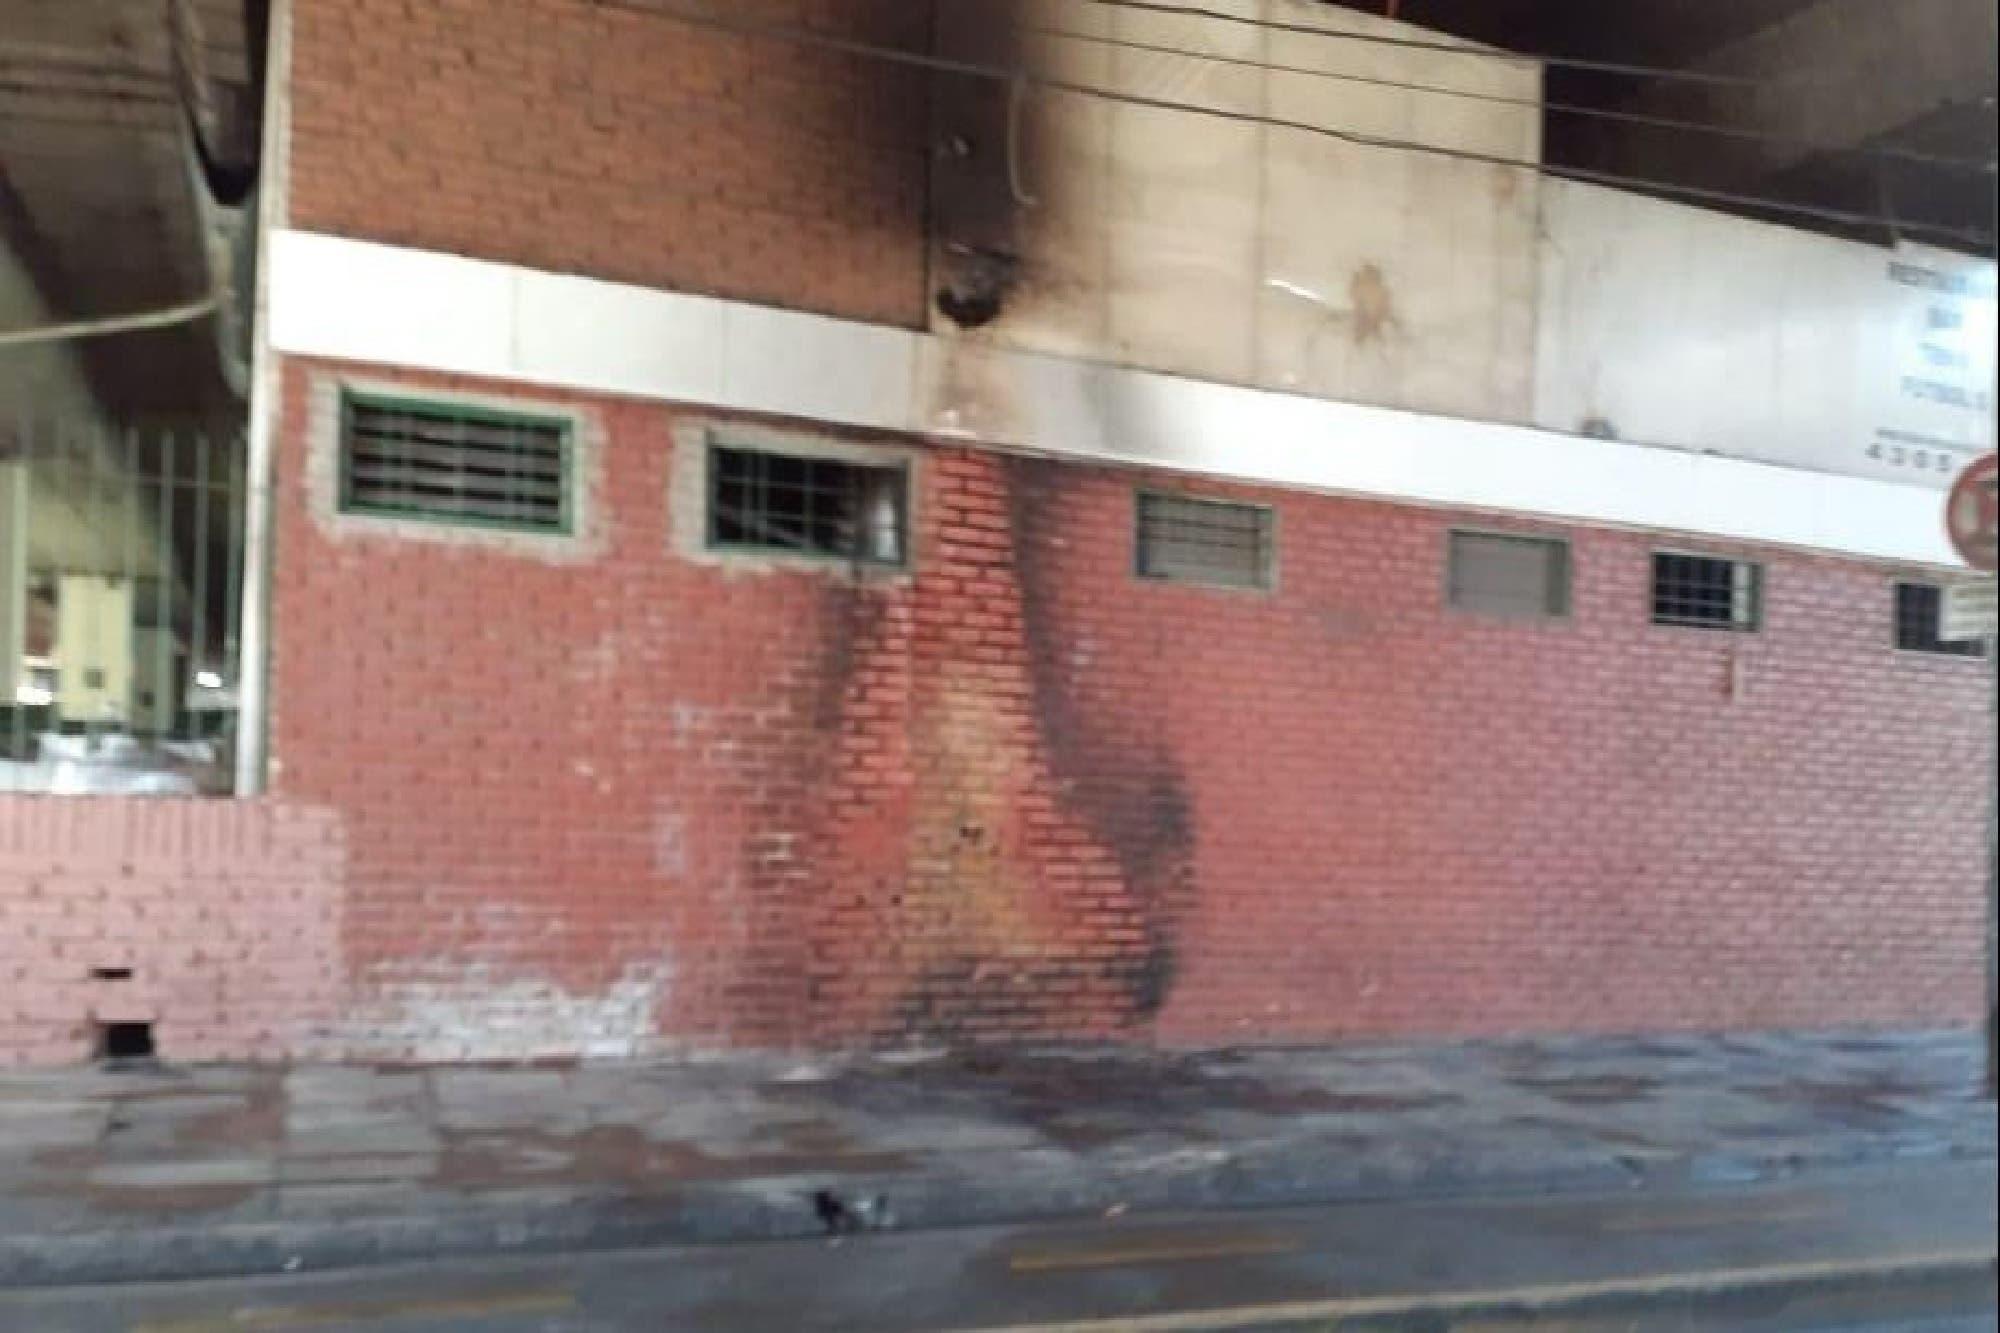 Femicidio: quemaron bajo la autopista 25 de Mayo a una mujer indigente